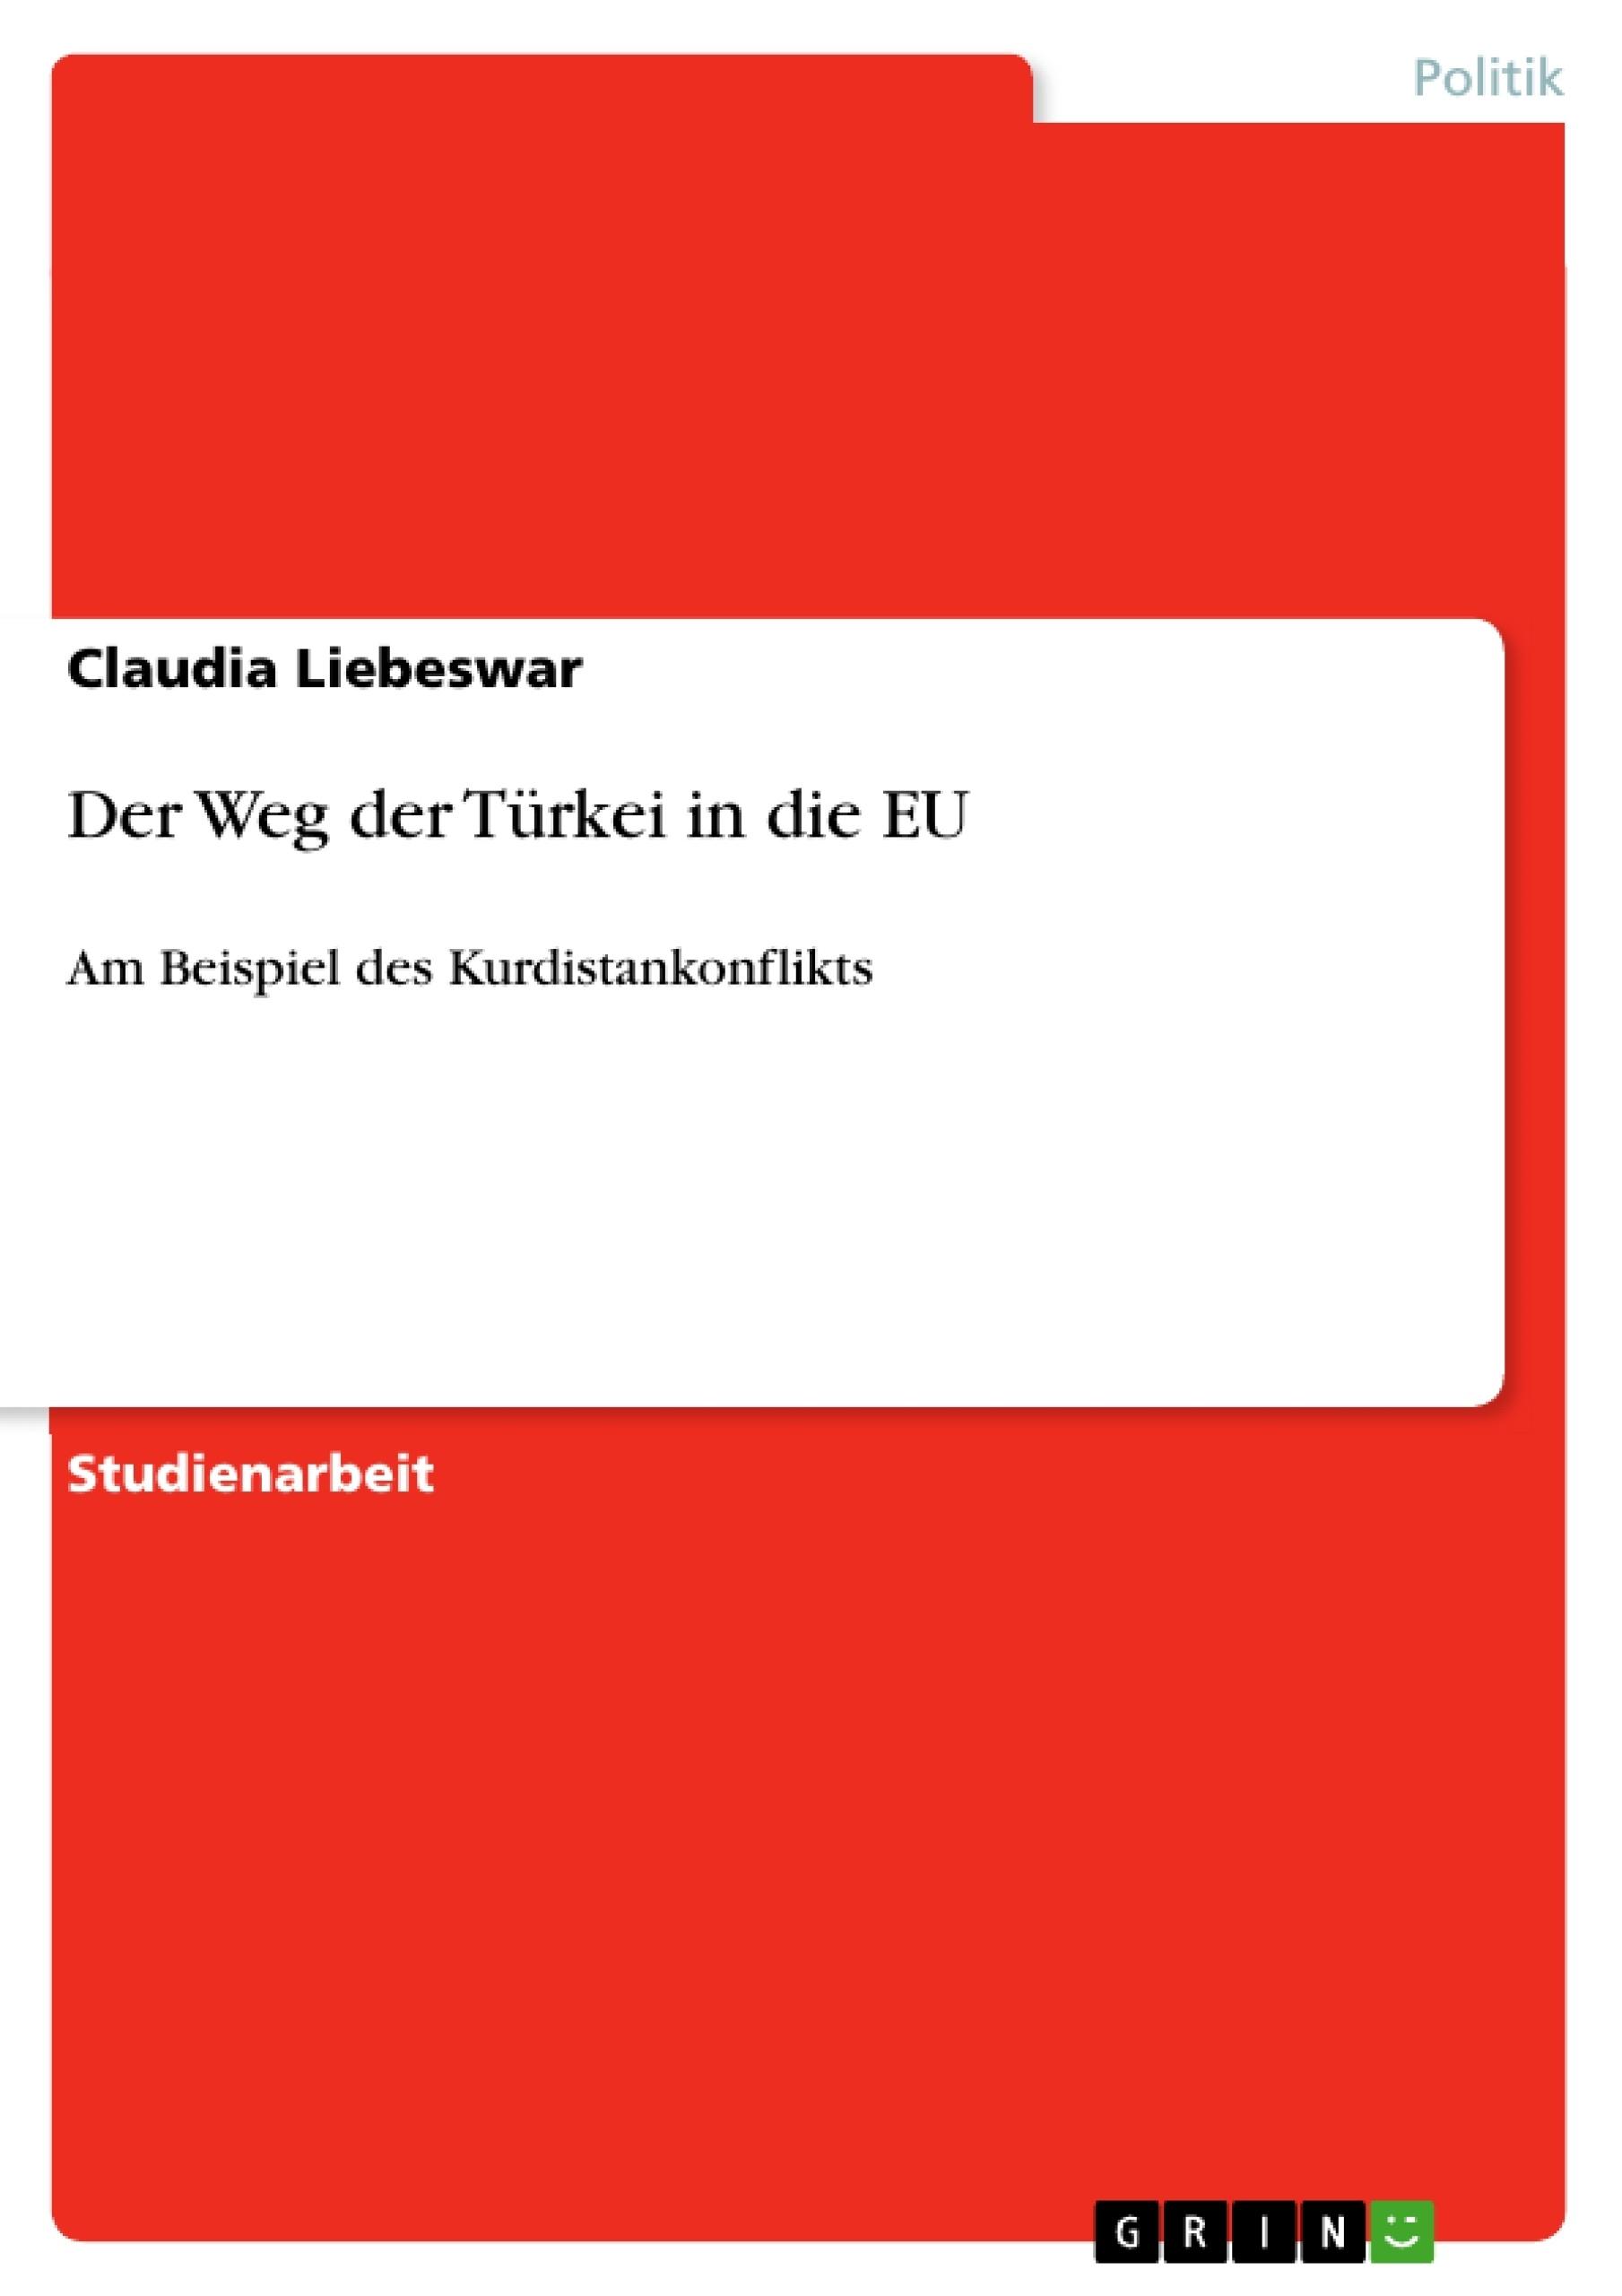 Titel: Der Weg der Türkei in die EU